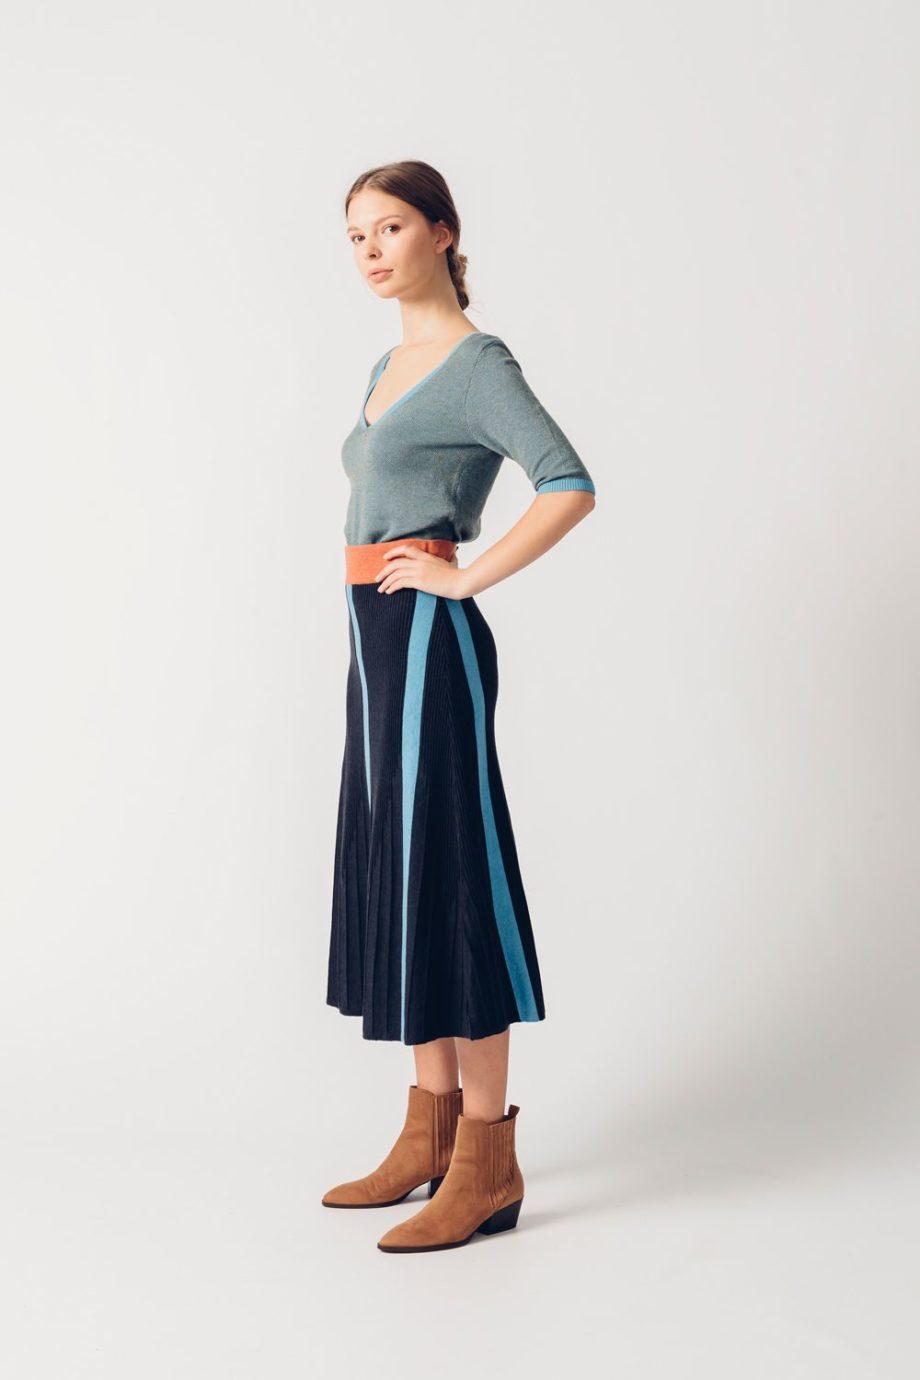 Frau trägt dunkelblauen Strickrock von SKFK (HEKATE) in Midi-Länge aus Biobaumwolle mit hellblauen Längsstreifen und braunem Gummizug. / Seitenansicht / pussyGALORE / Leipzig